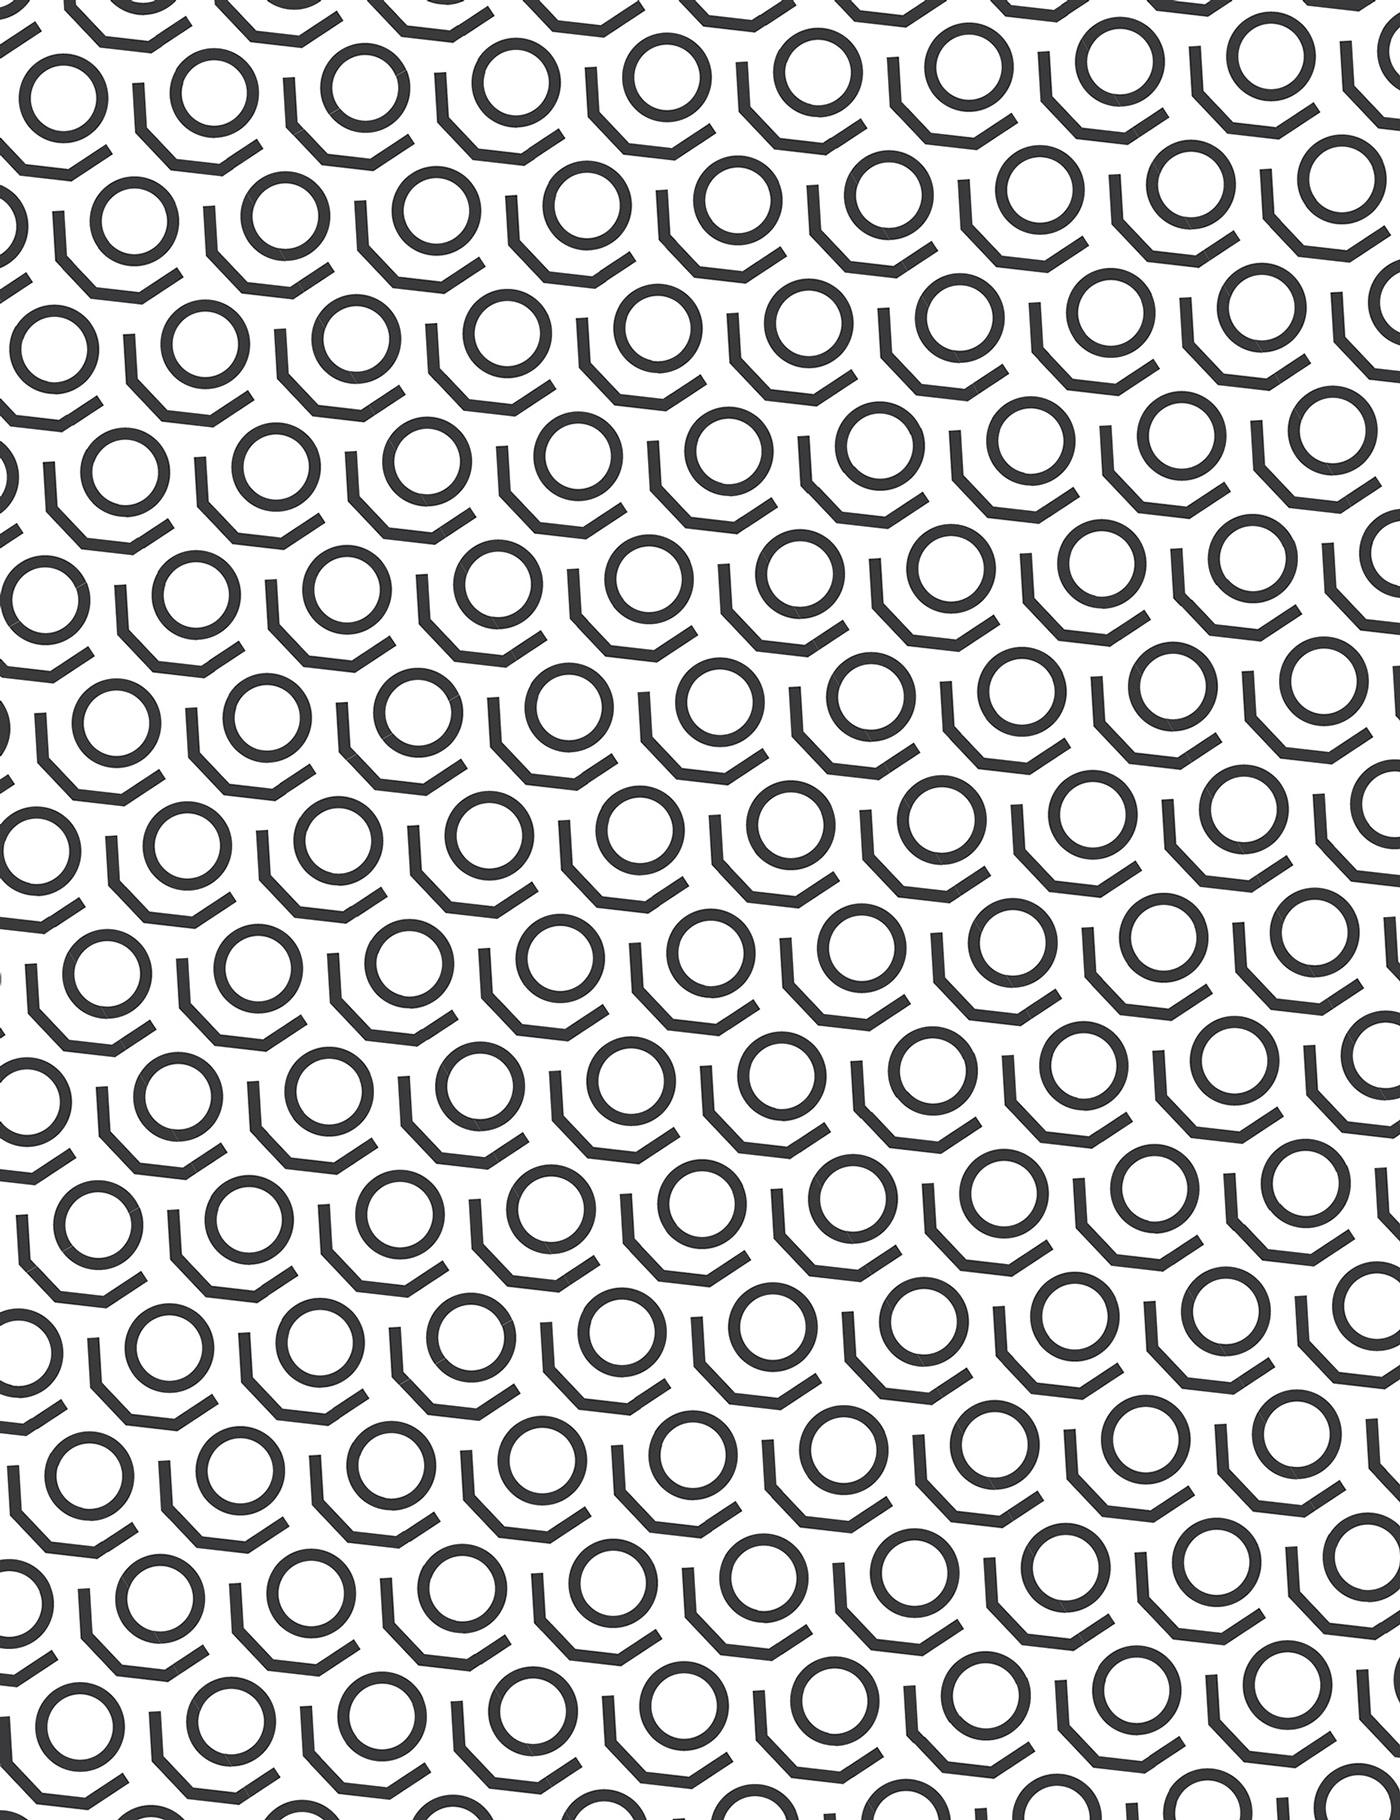 Free line art patterns clip art transparent Line art designs free download - ClipartFest clip art transparent